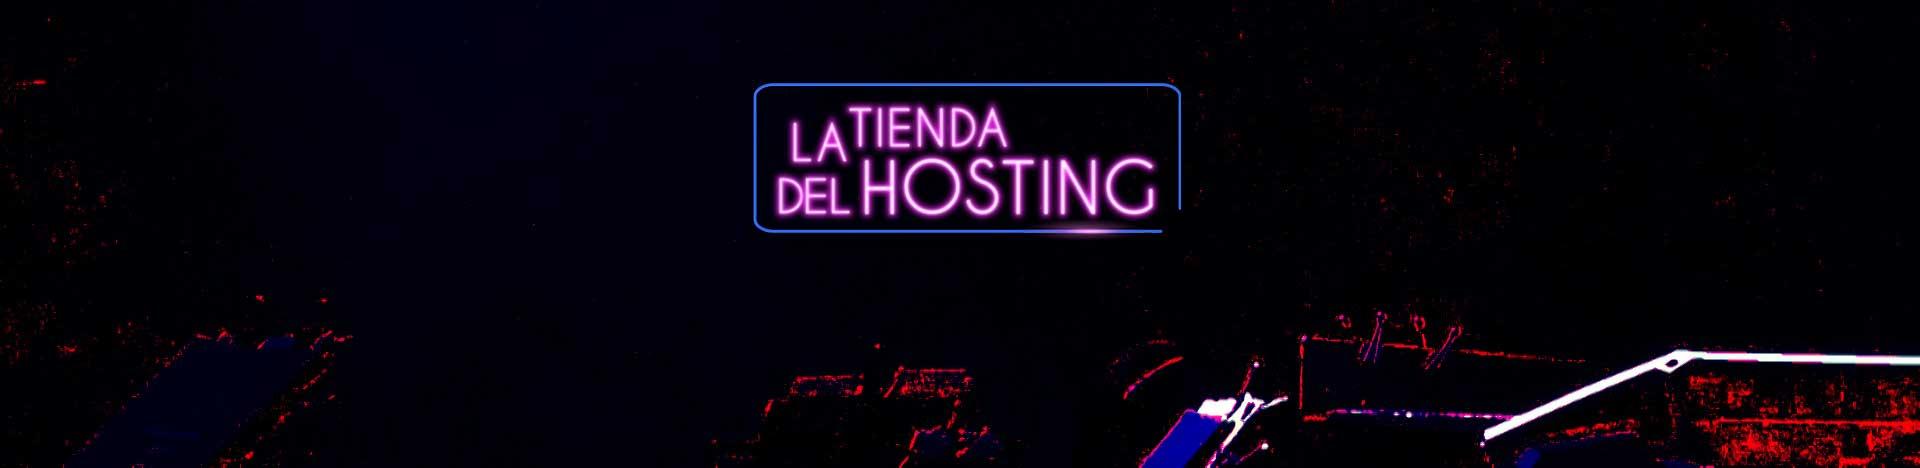 La Tienda del Hosting. Diseño web y social media en Medellín. Colombia clase WEBMaster SEO. CAAG06.com